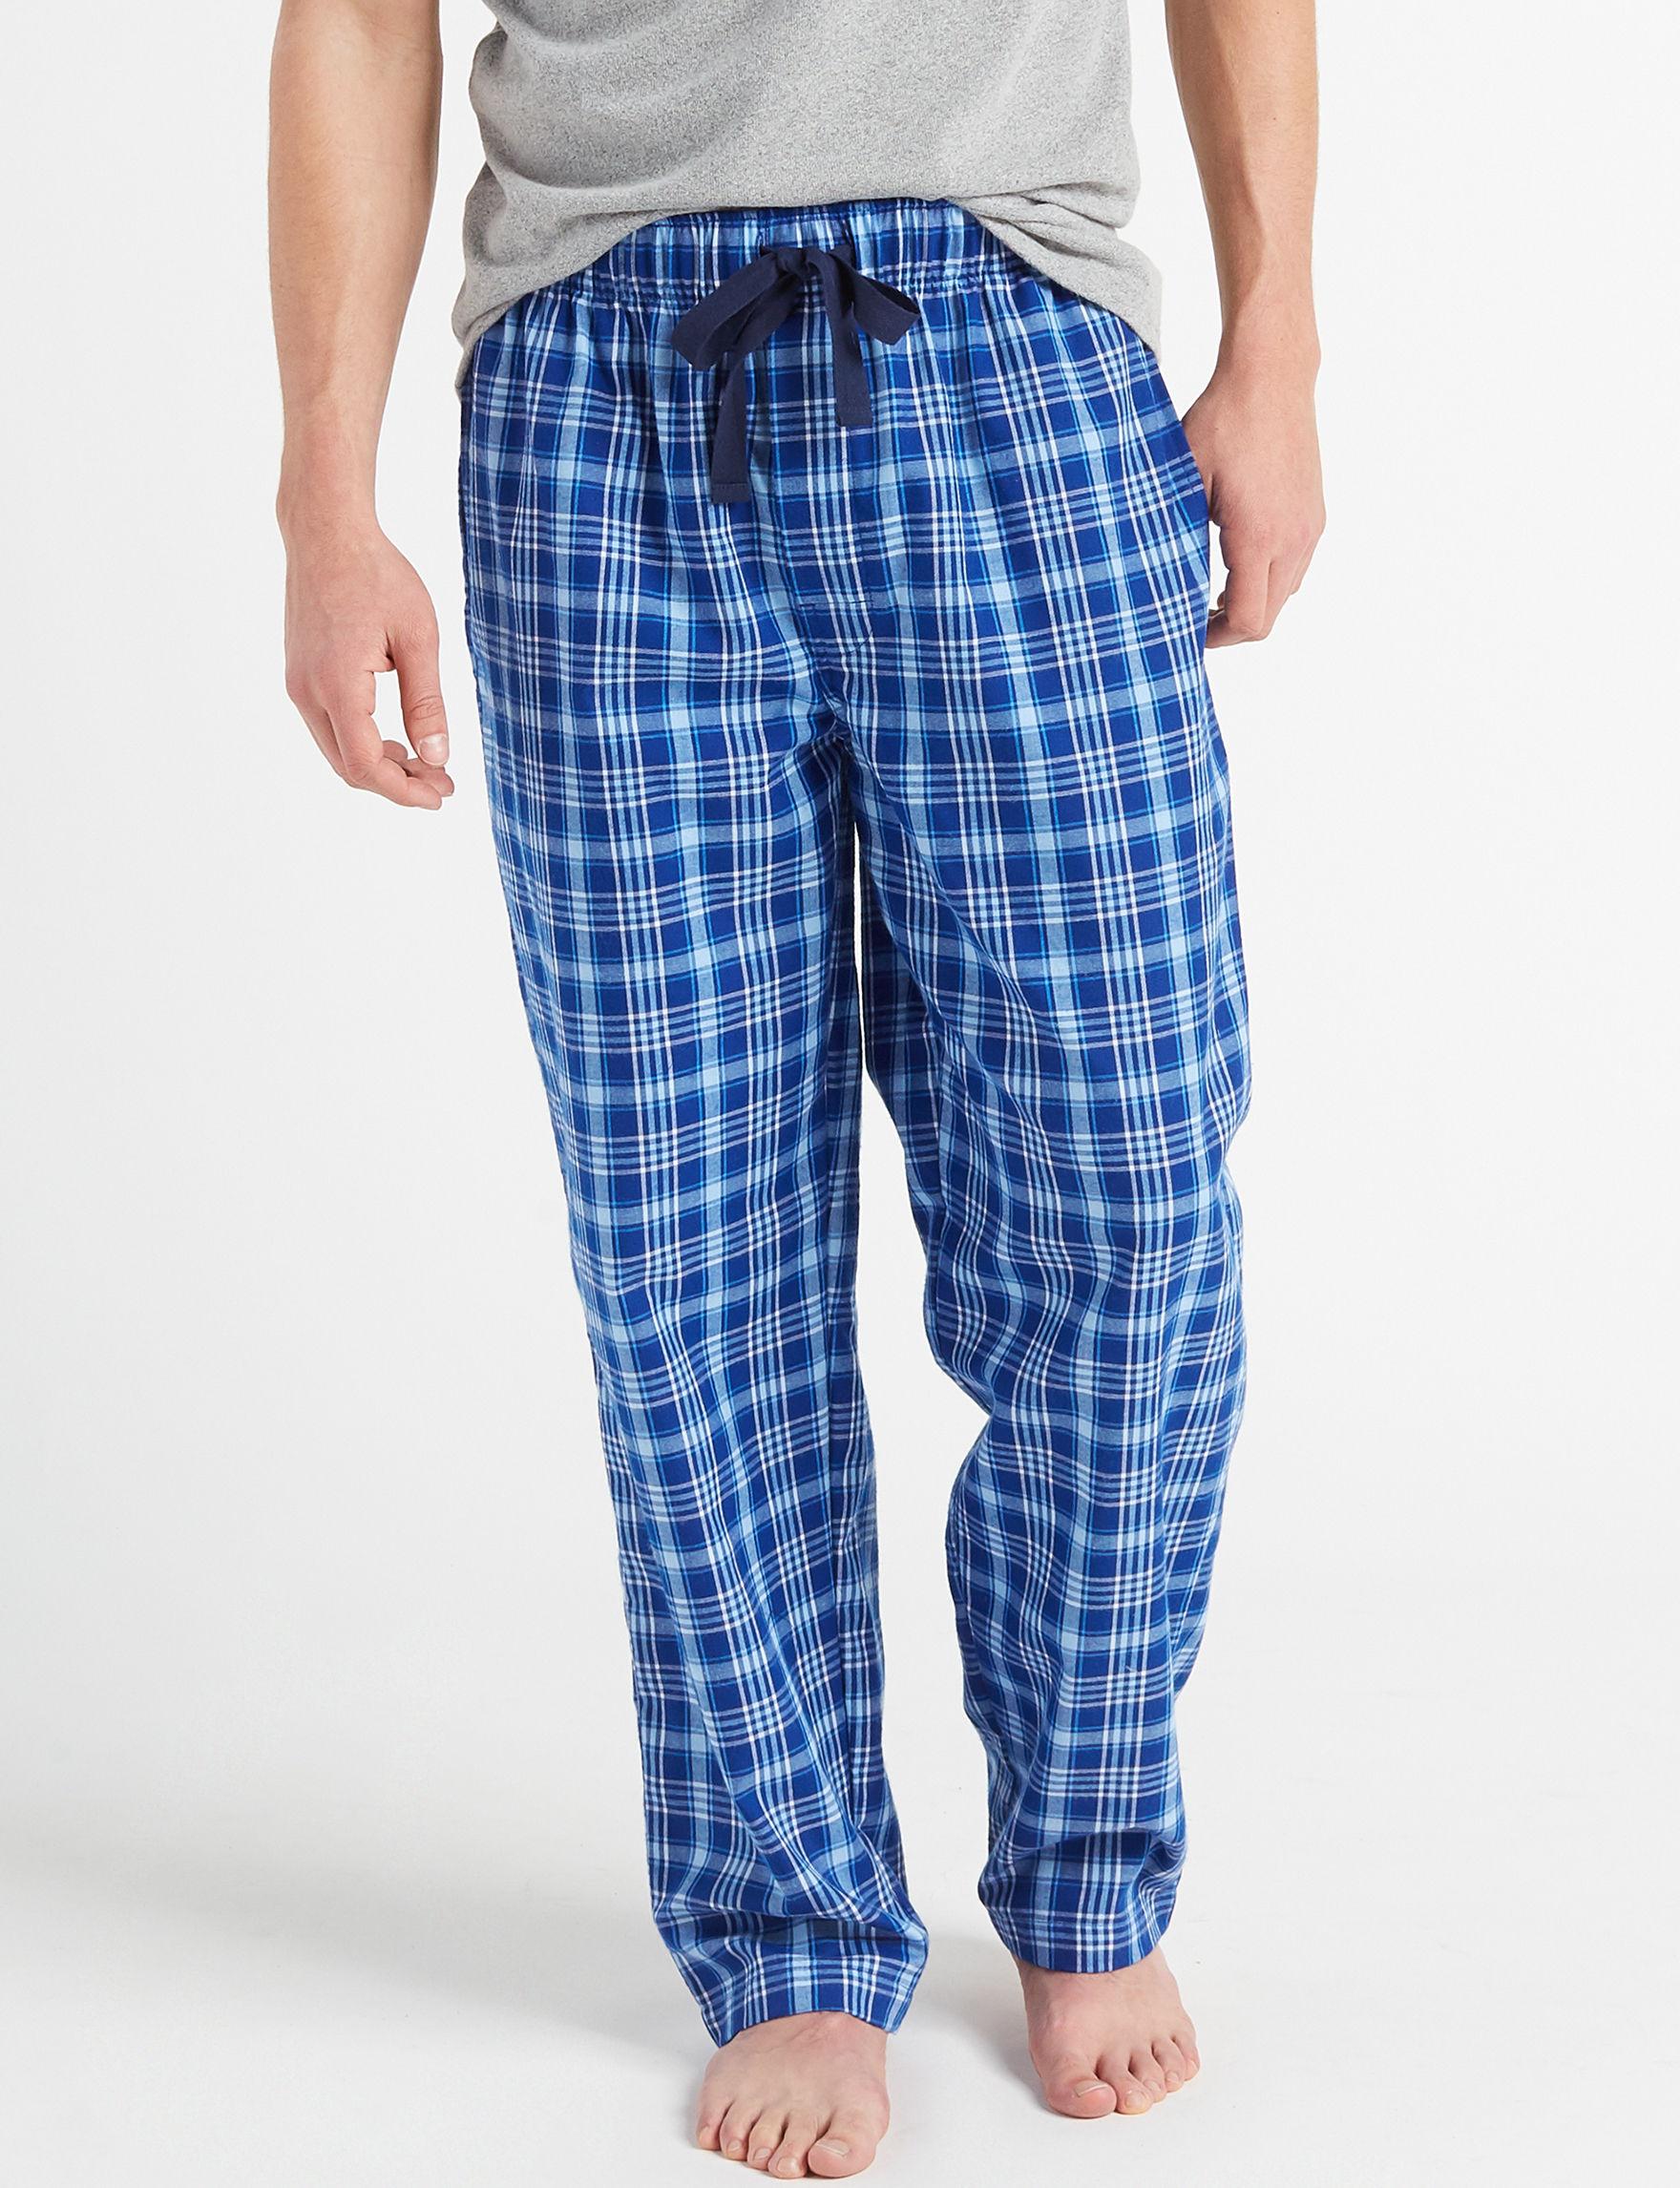 Izod Navy / White Pajama Bottoms